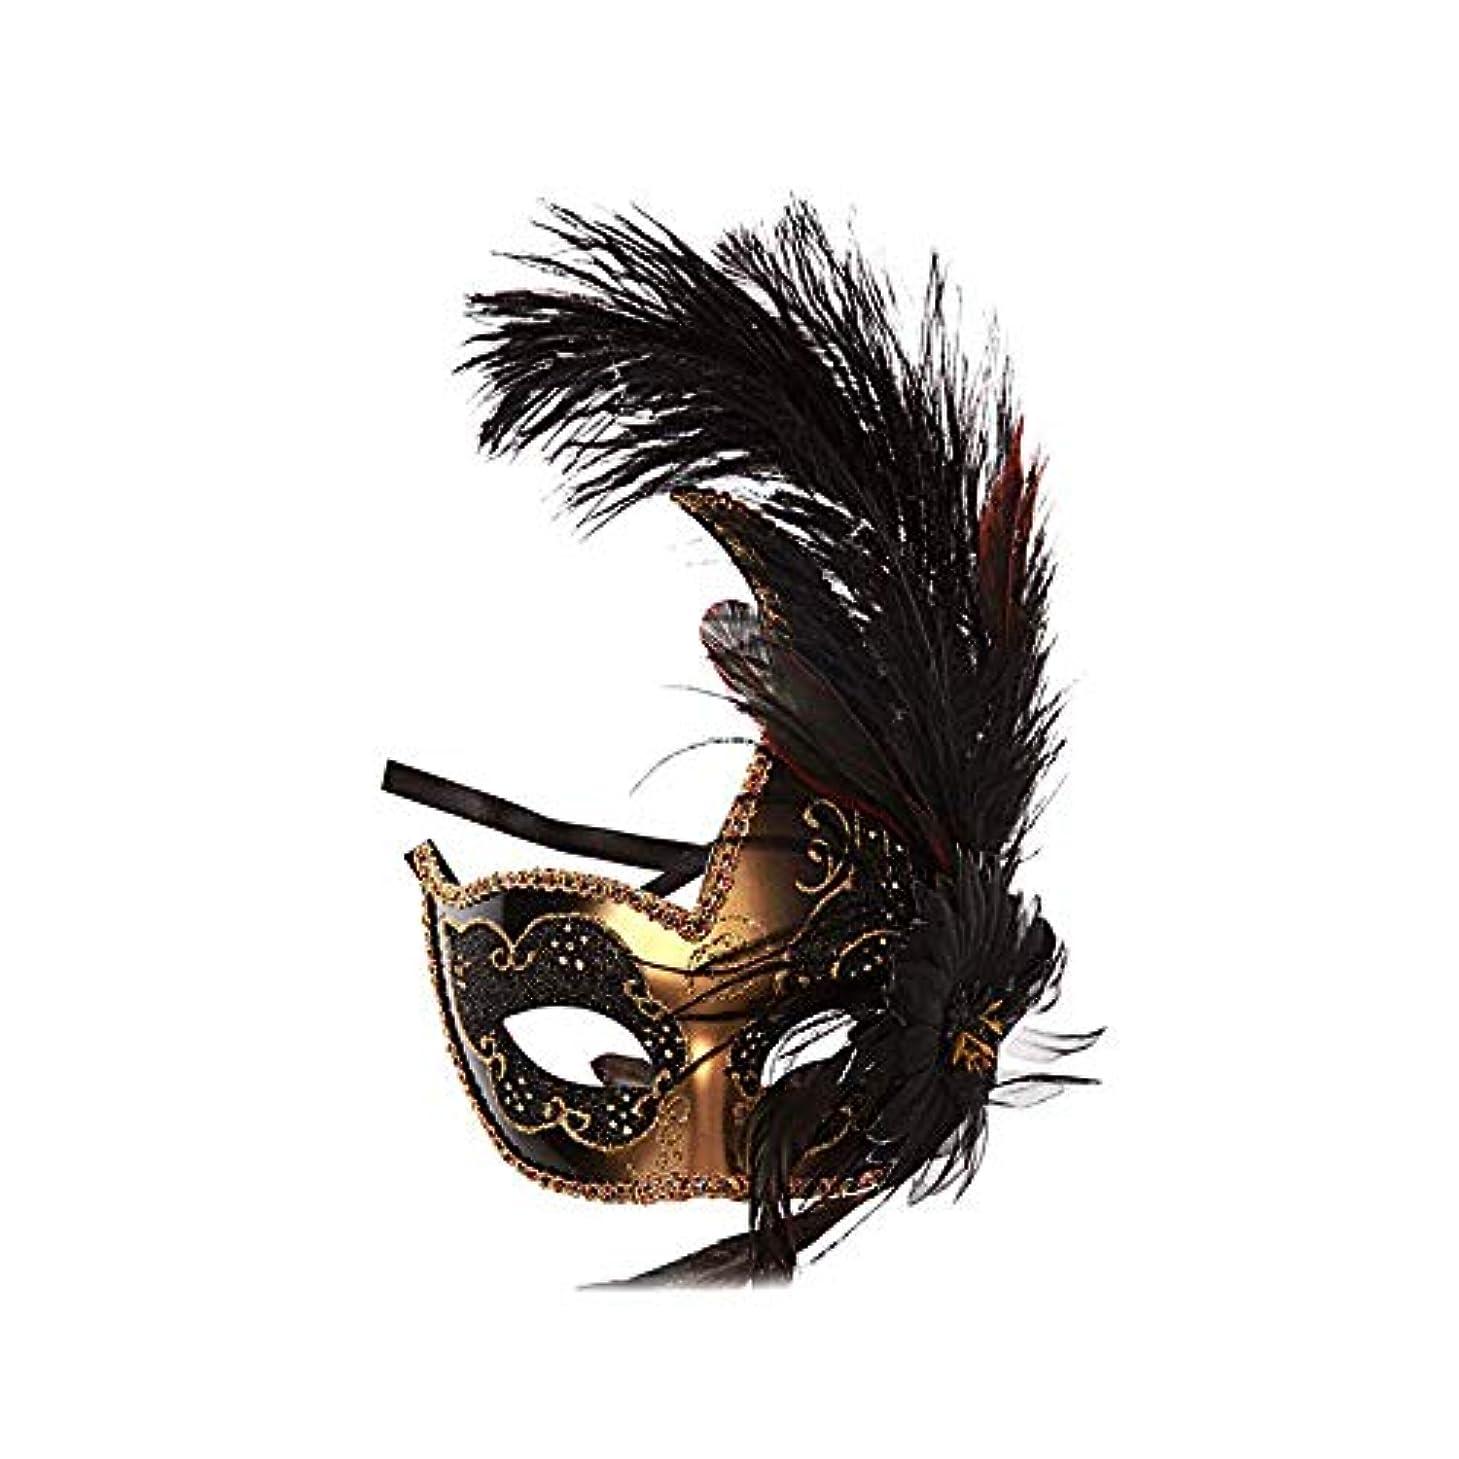 むちゃくちゃ事実派手Nanle ハロウィンマスクハーフフェザーマスクベニスプリンセスマスク美容レース仮面ライダーコスプレ (色 : Style B black)